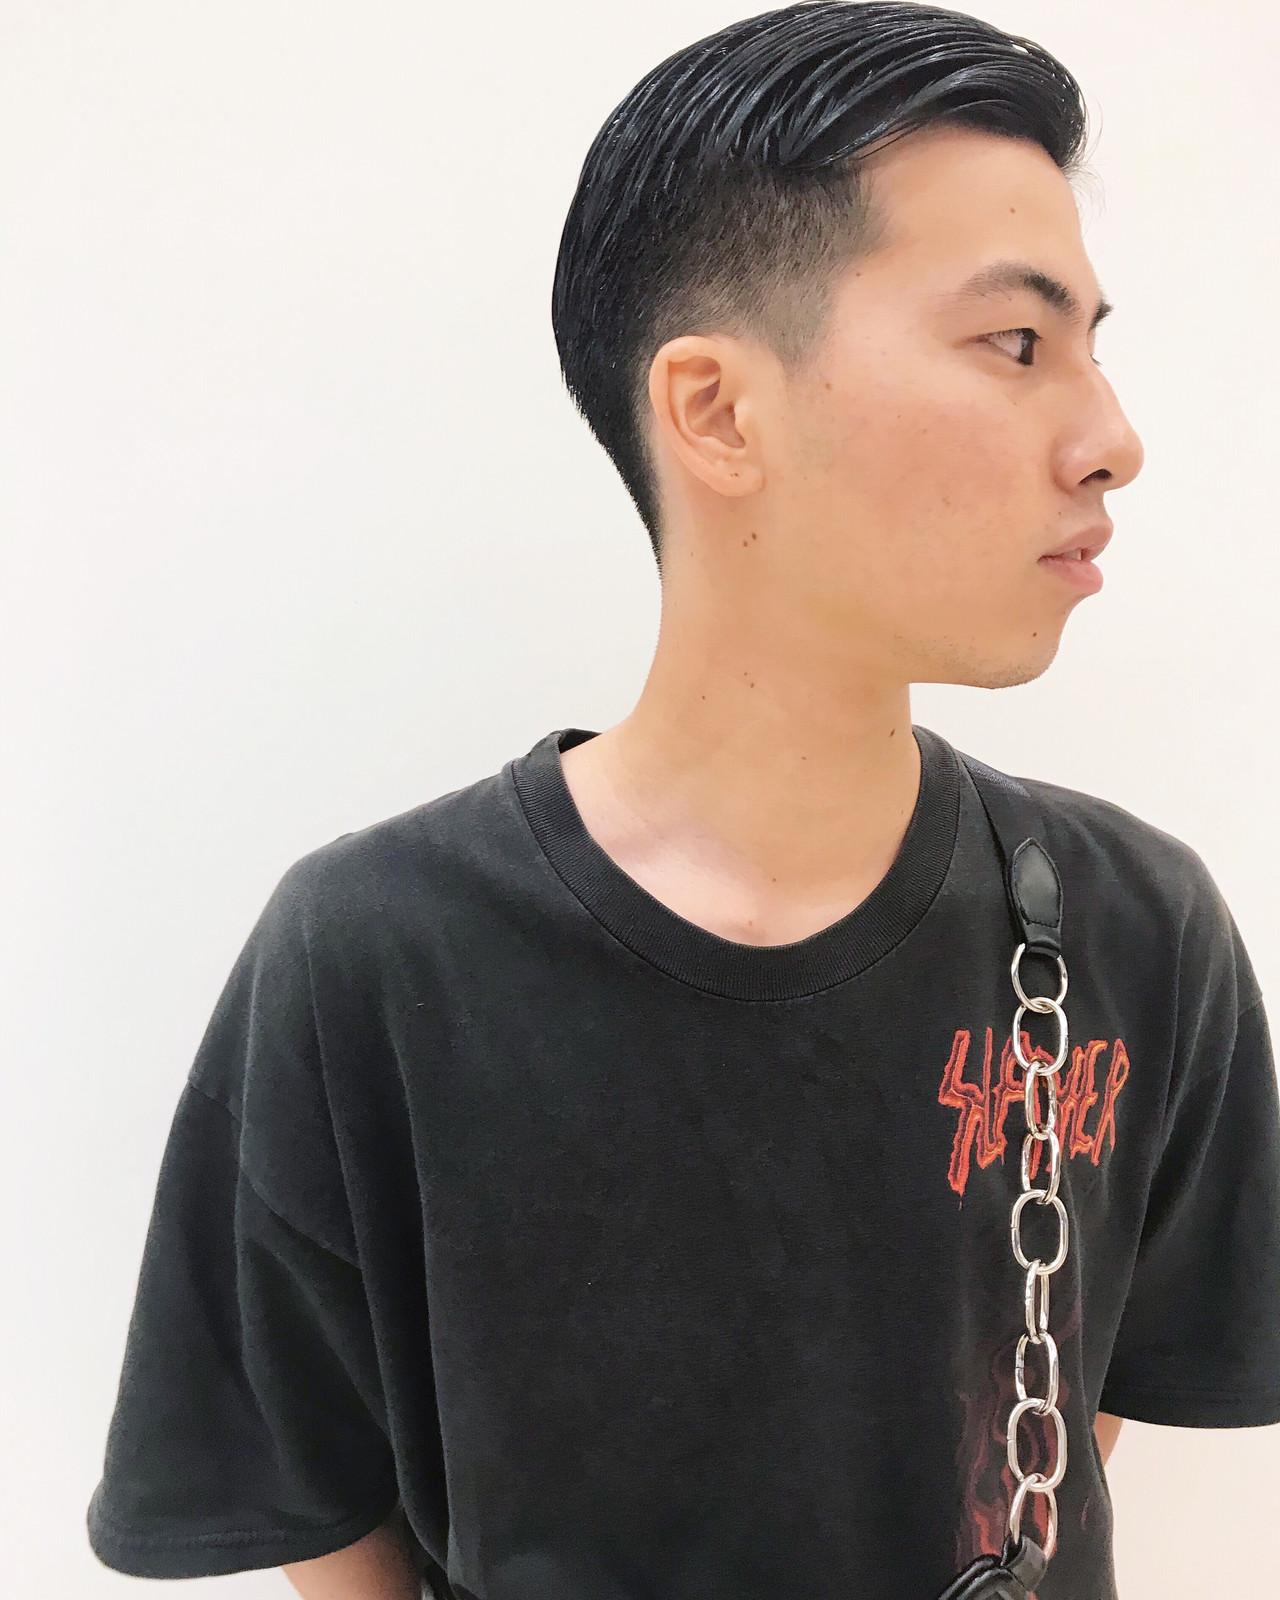 モード メンズショート メンズヘア メンズカット ヘアスタイルや髪型の写真・画像   遠藤広陵 / mod's hair仙台PARCO店